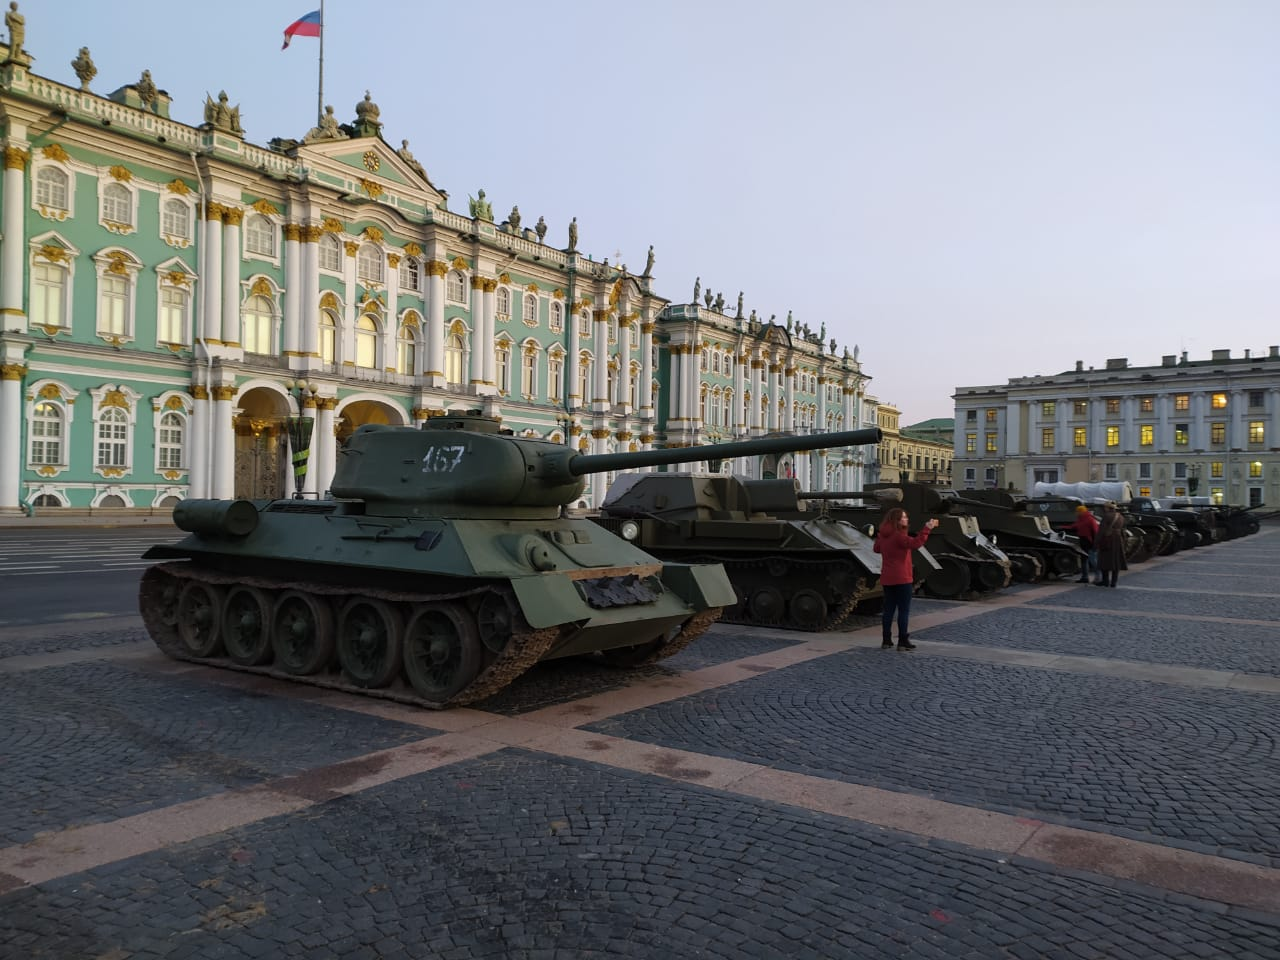 В честь дня полного снятия блокады на Дворцовой площади будет работать интерактивная выставка